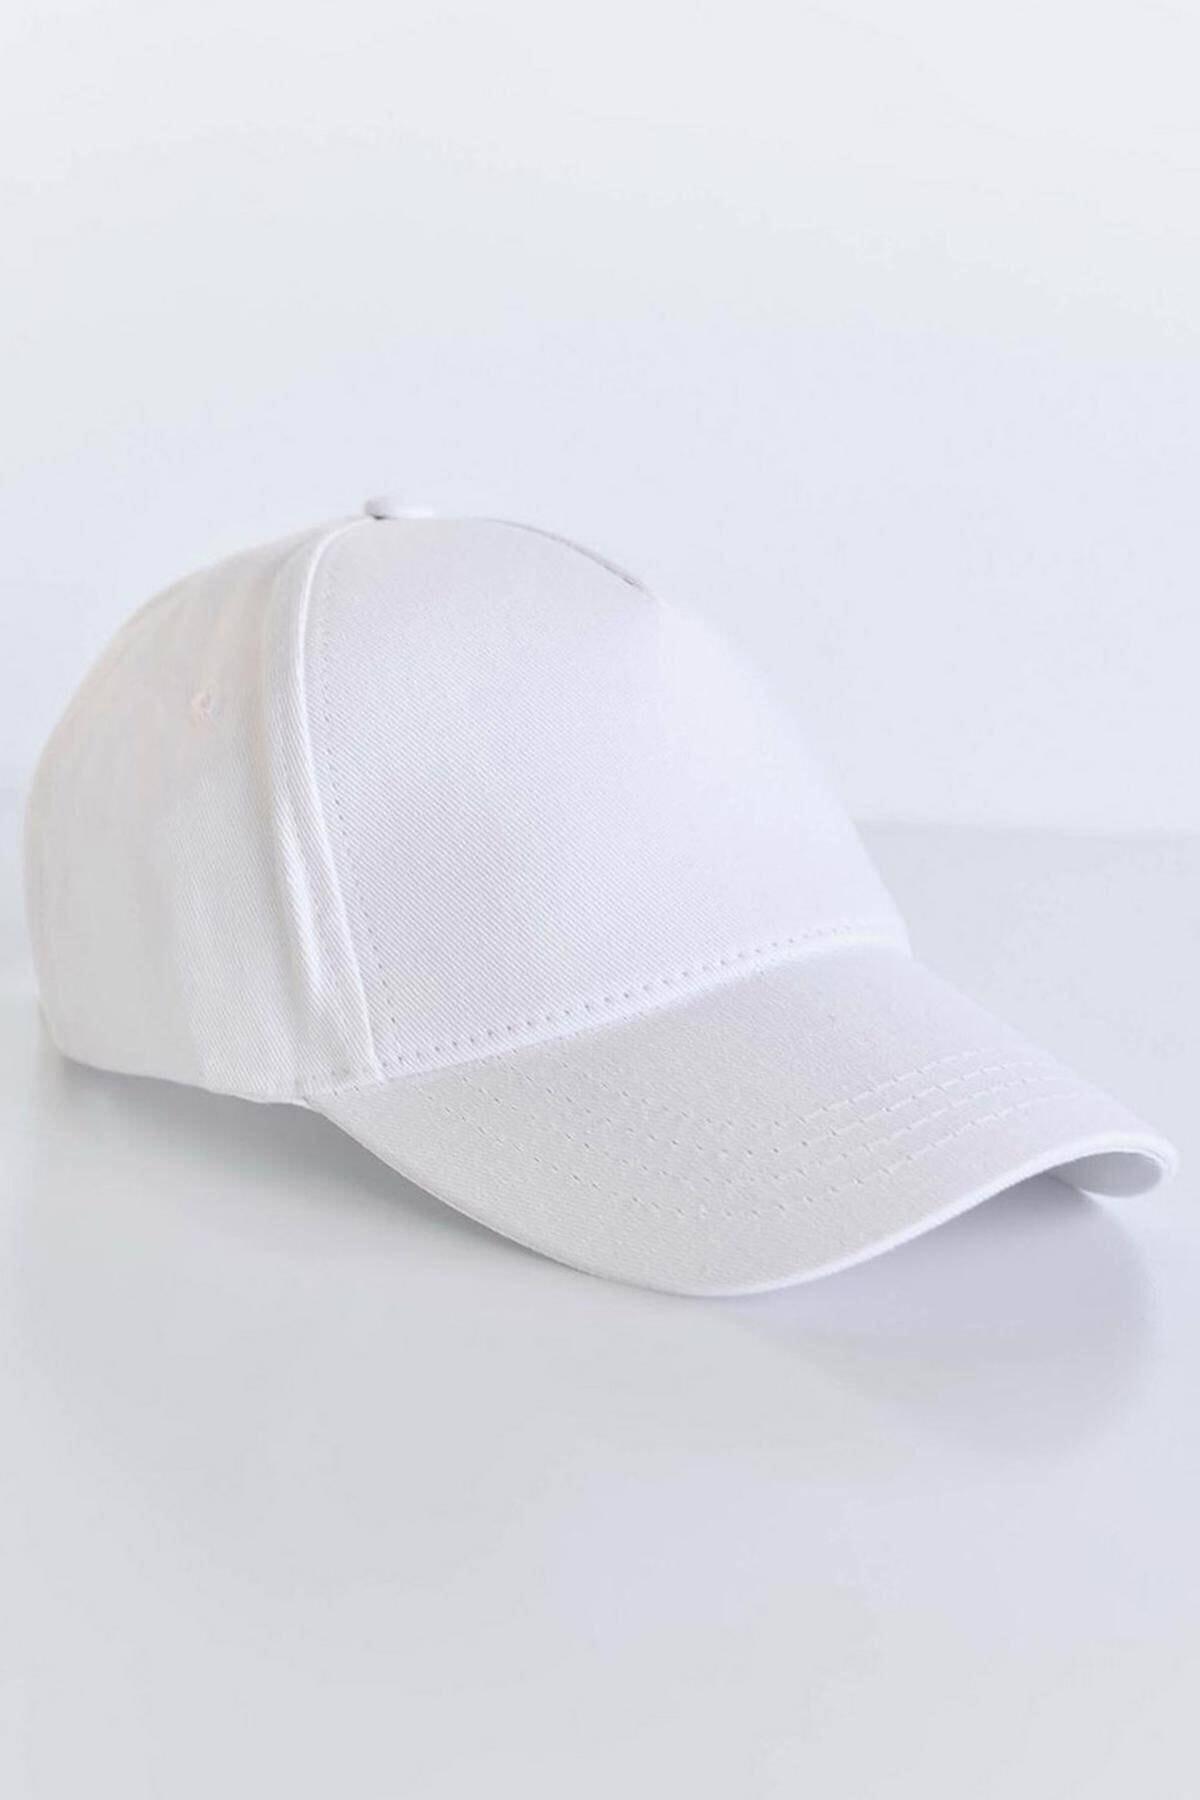 Addax Kadın Beyaz Unisex Şapka ŞPK1007 ADX-0000022027 2